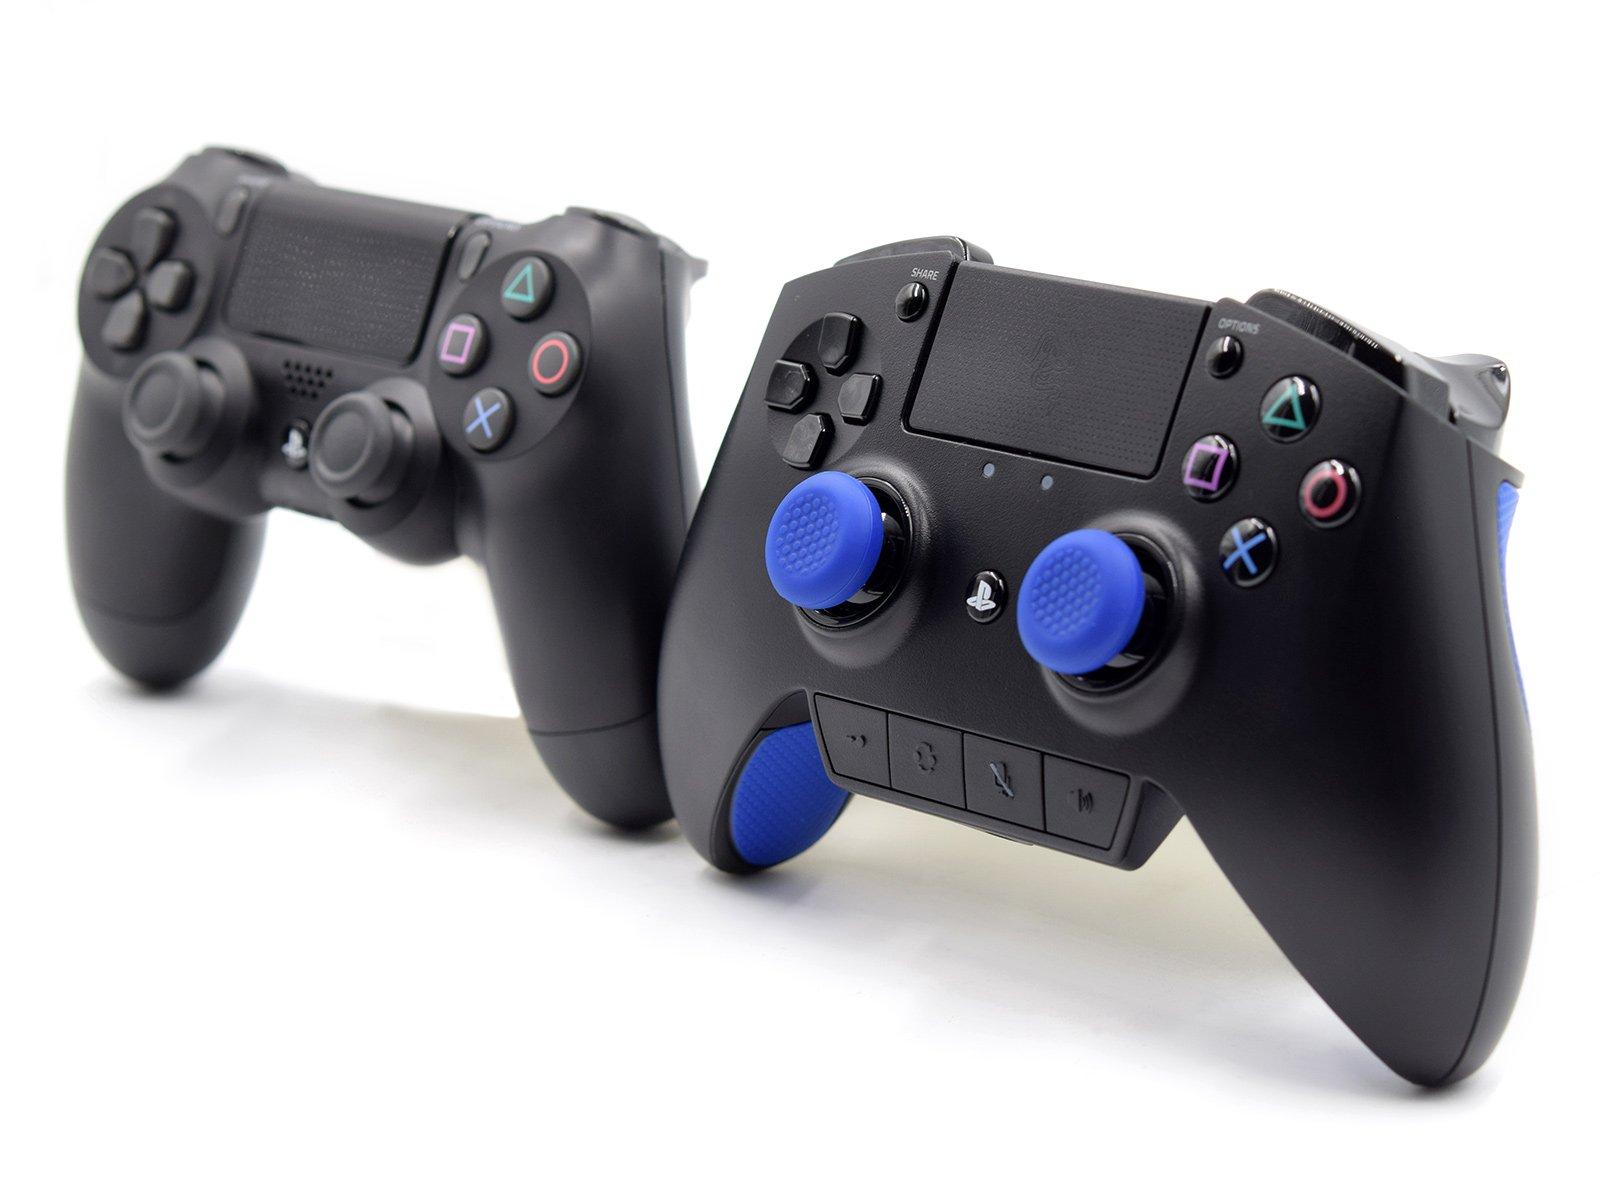 Razer Raiju and Standard PS4 Controller Comparison